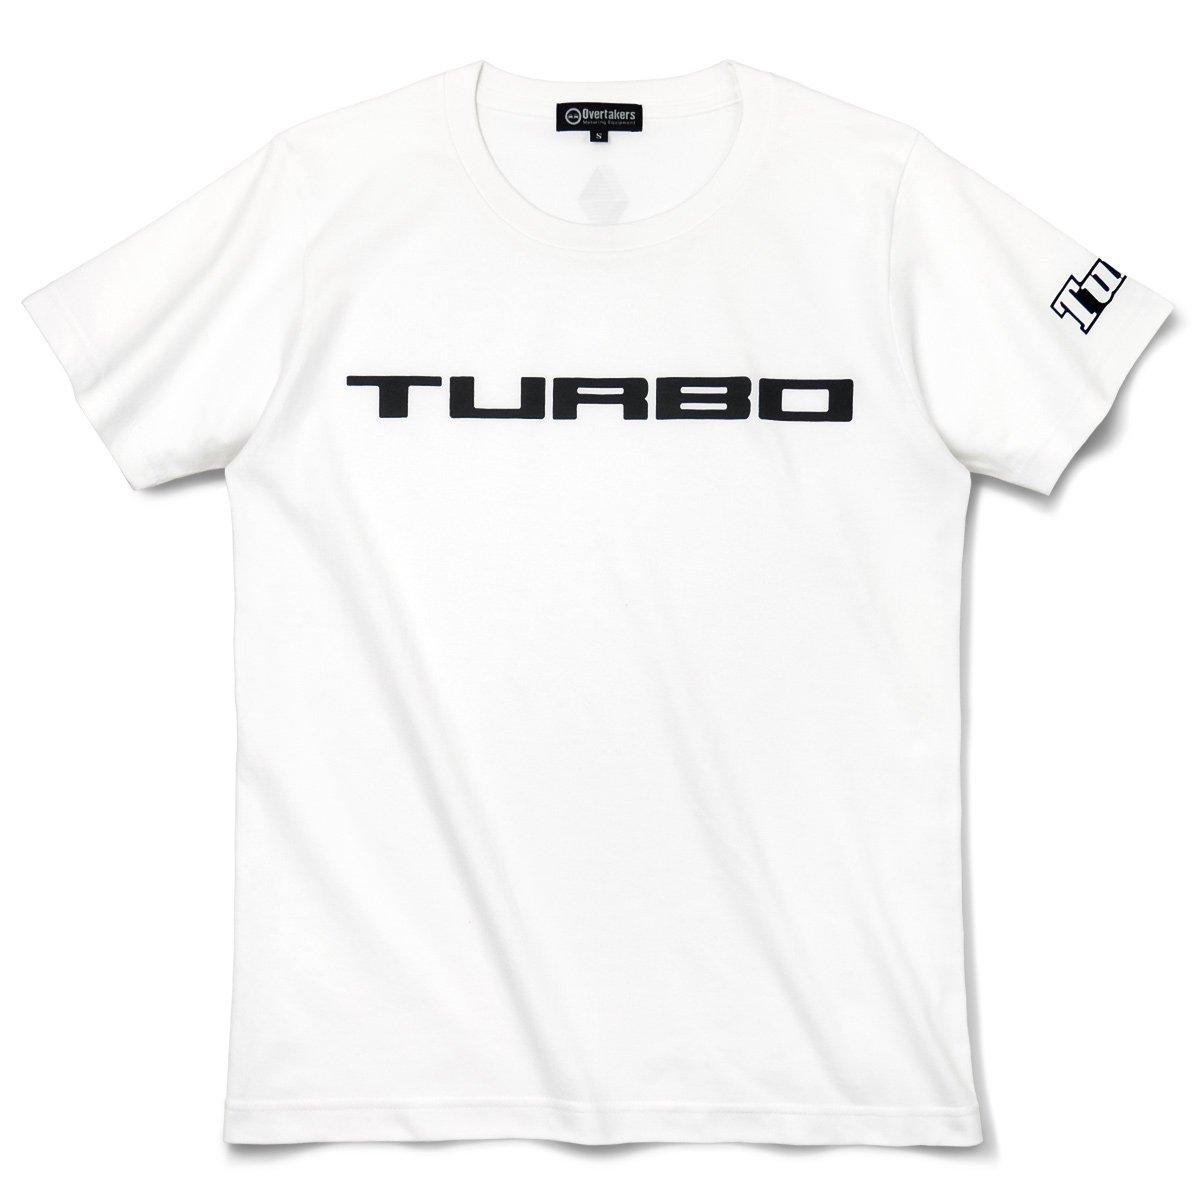 TURBO Tシャツ